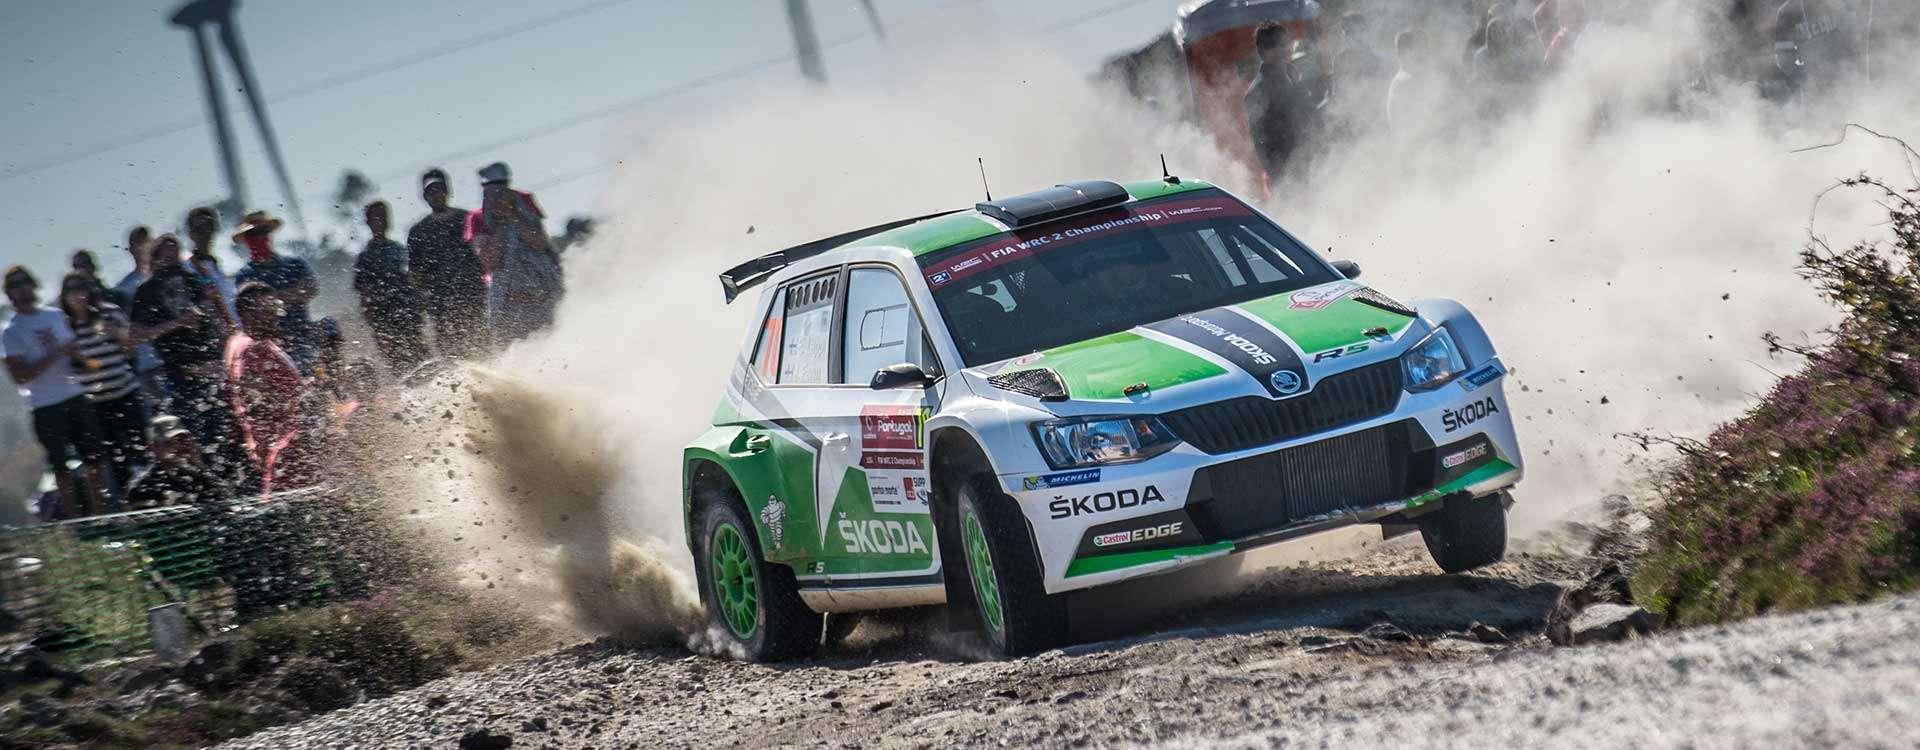 Stupně vítězů: ŠKODA slaví premiéru v mistrovství světa s vozem Fabia R5